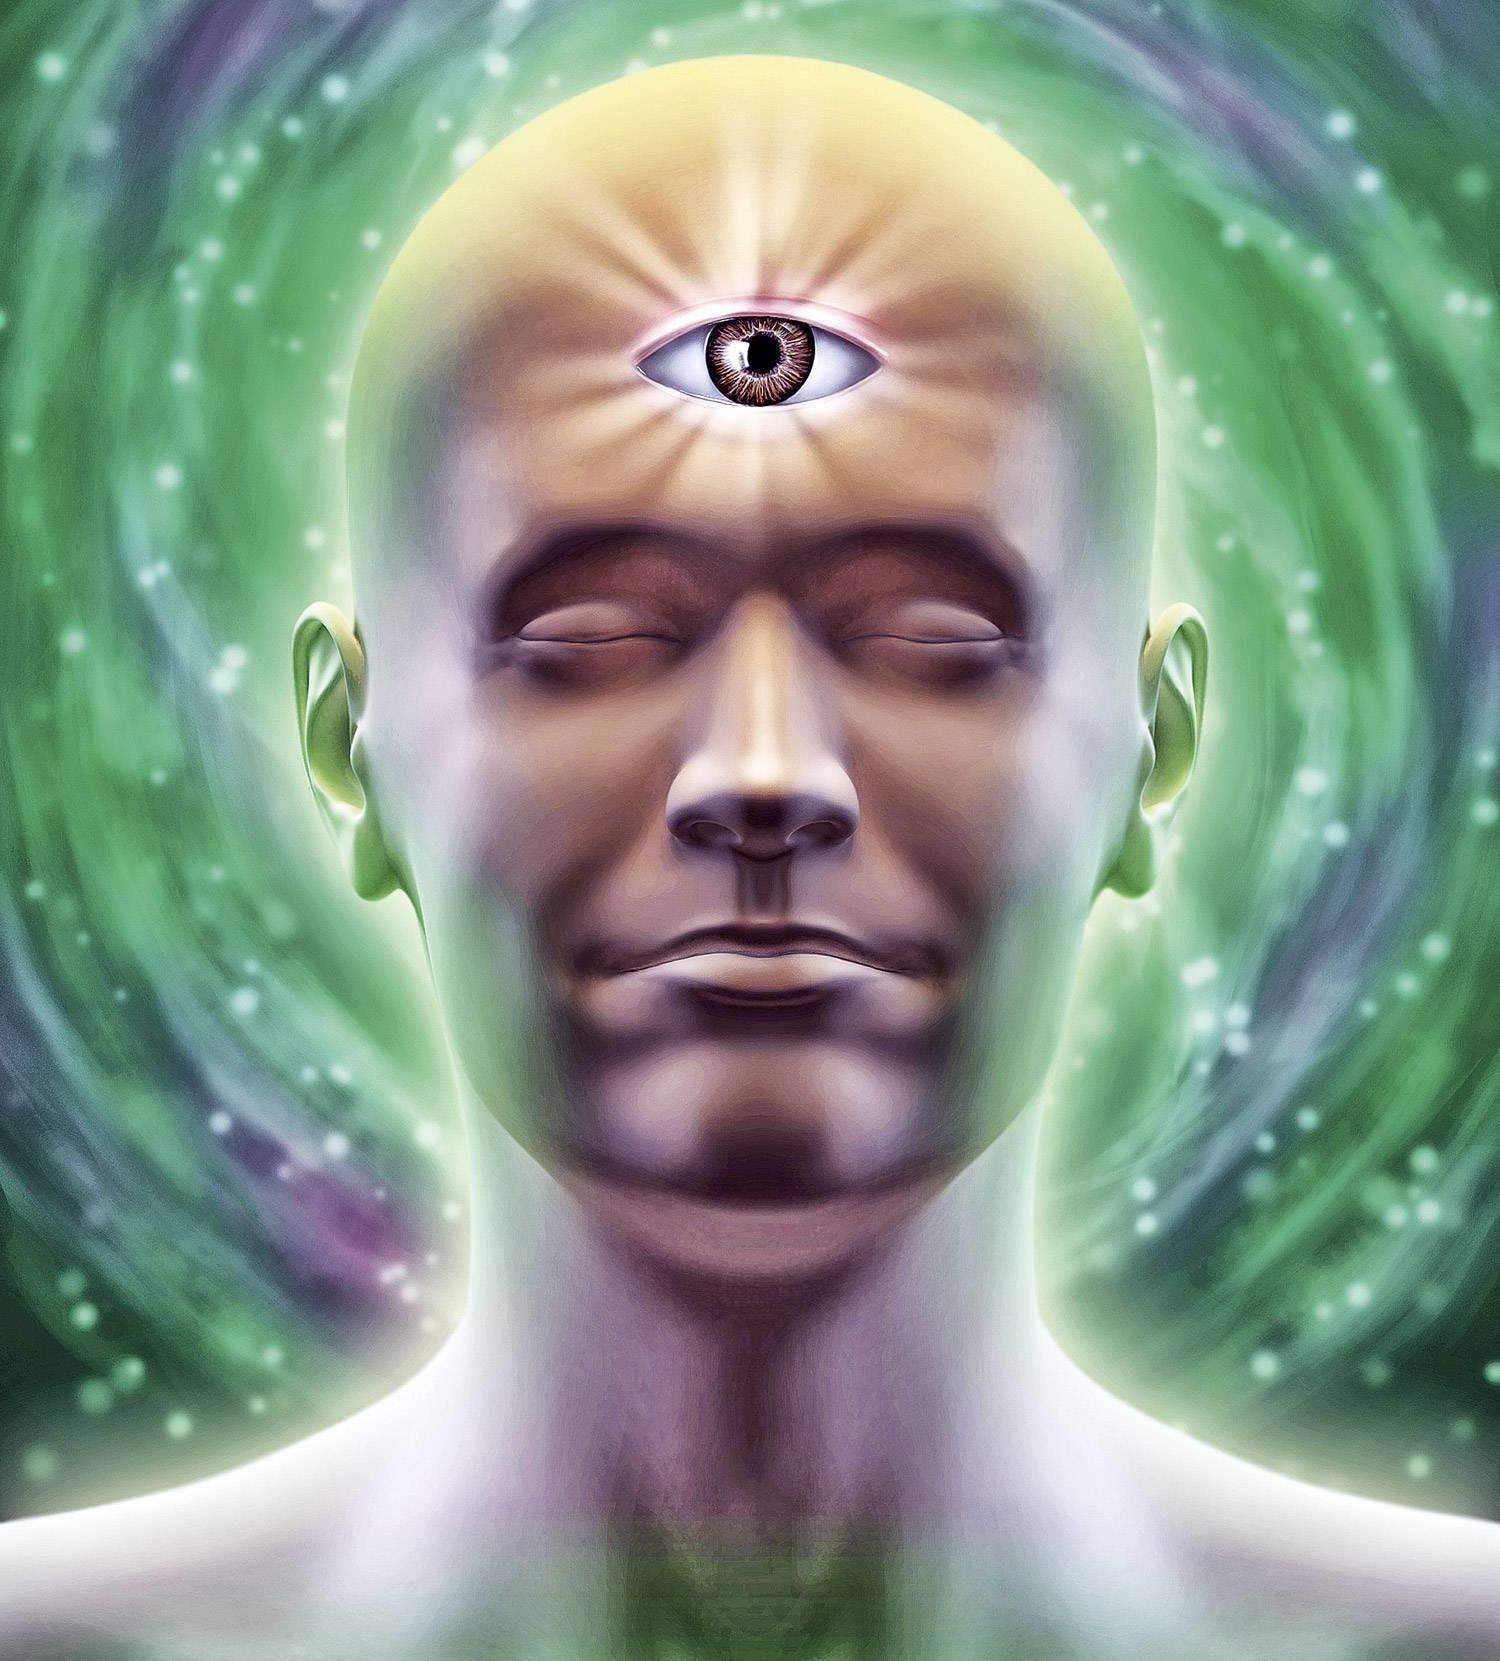 Третий глаз — картинки для тренировки третьего глаза